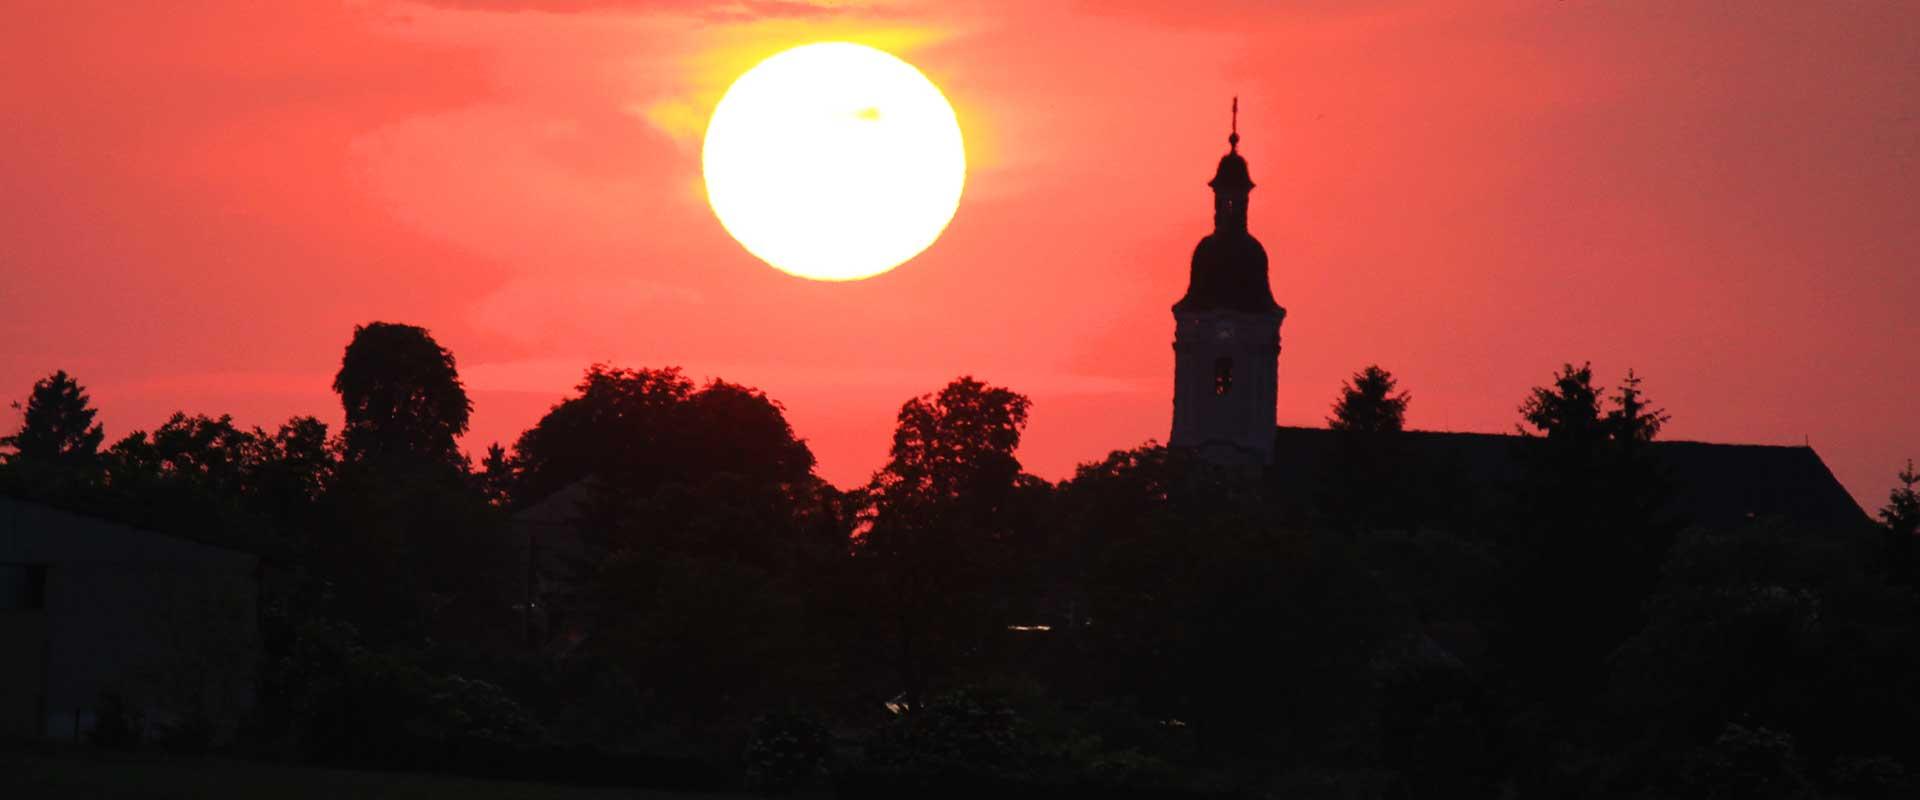 21x9_zapad-slnka-kostol